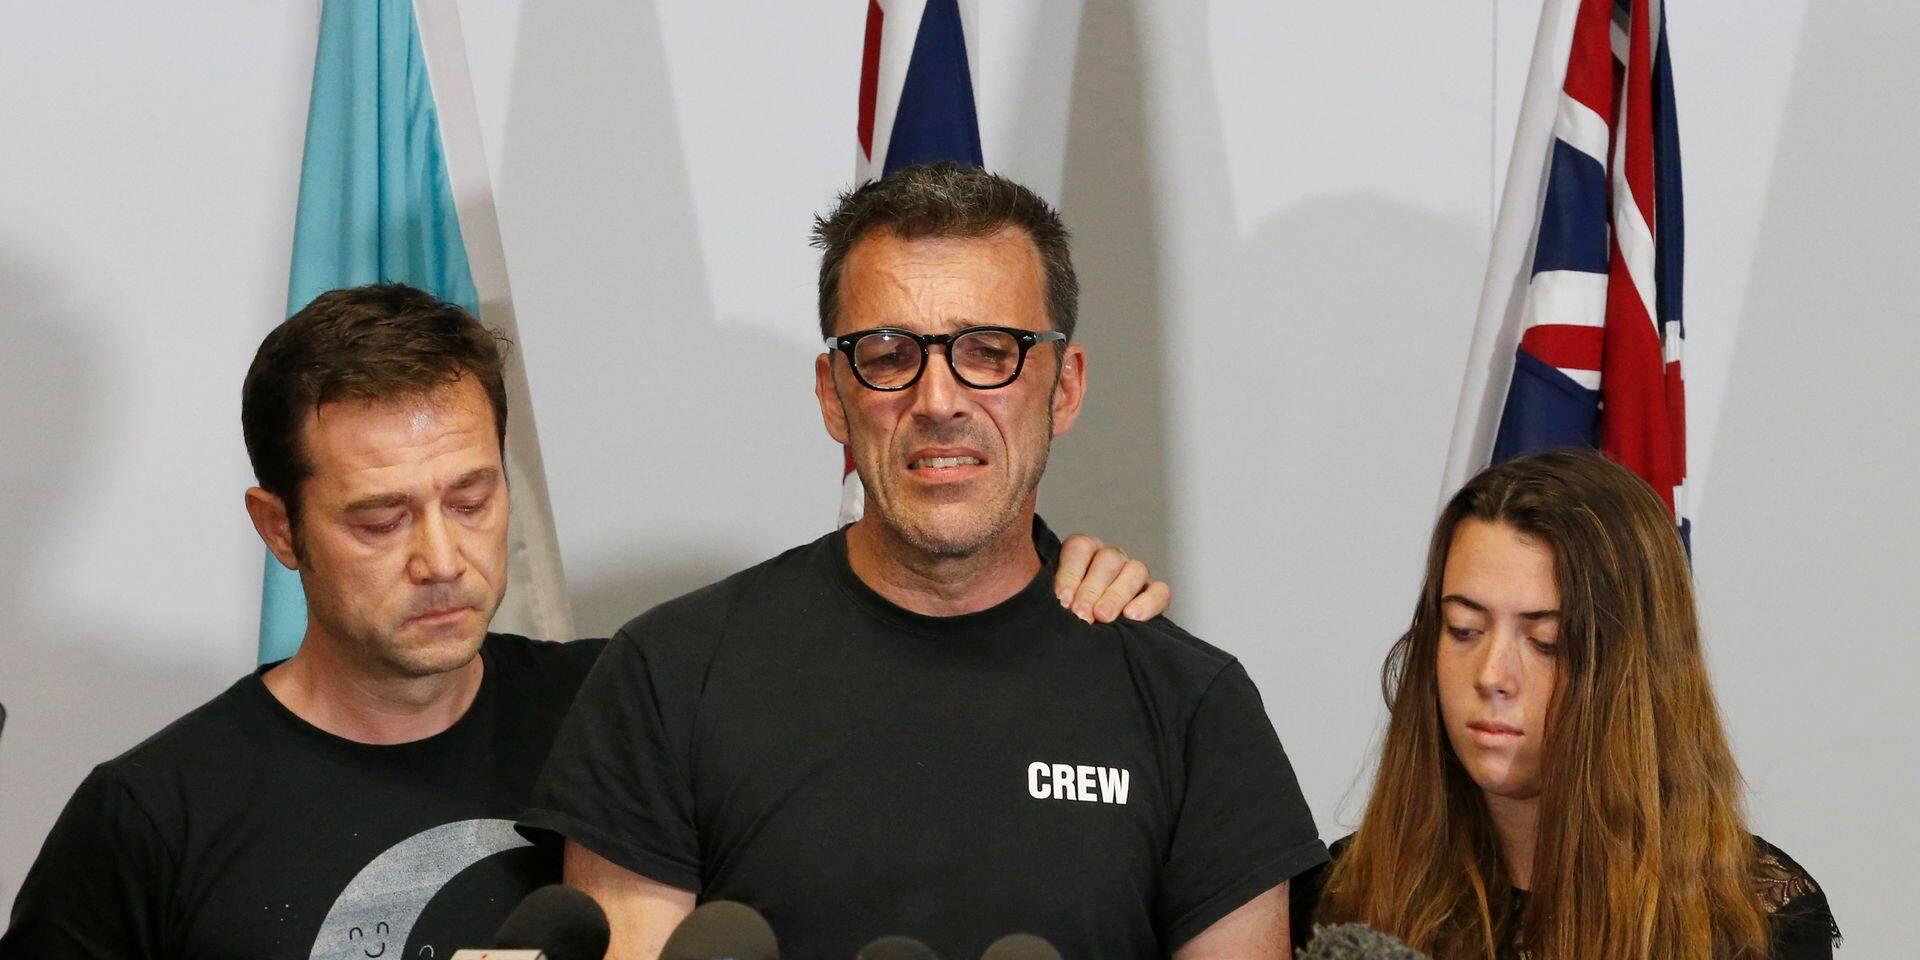 Disparition de Theo Hayez: les recherches de la police australienne se poursuivent autour du phare de Byron Bay